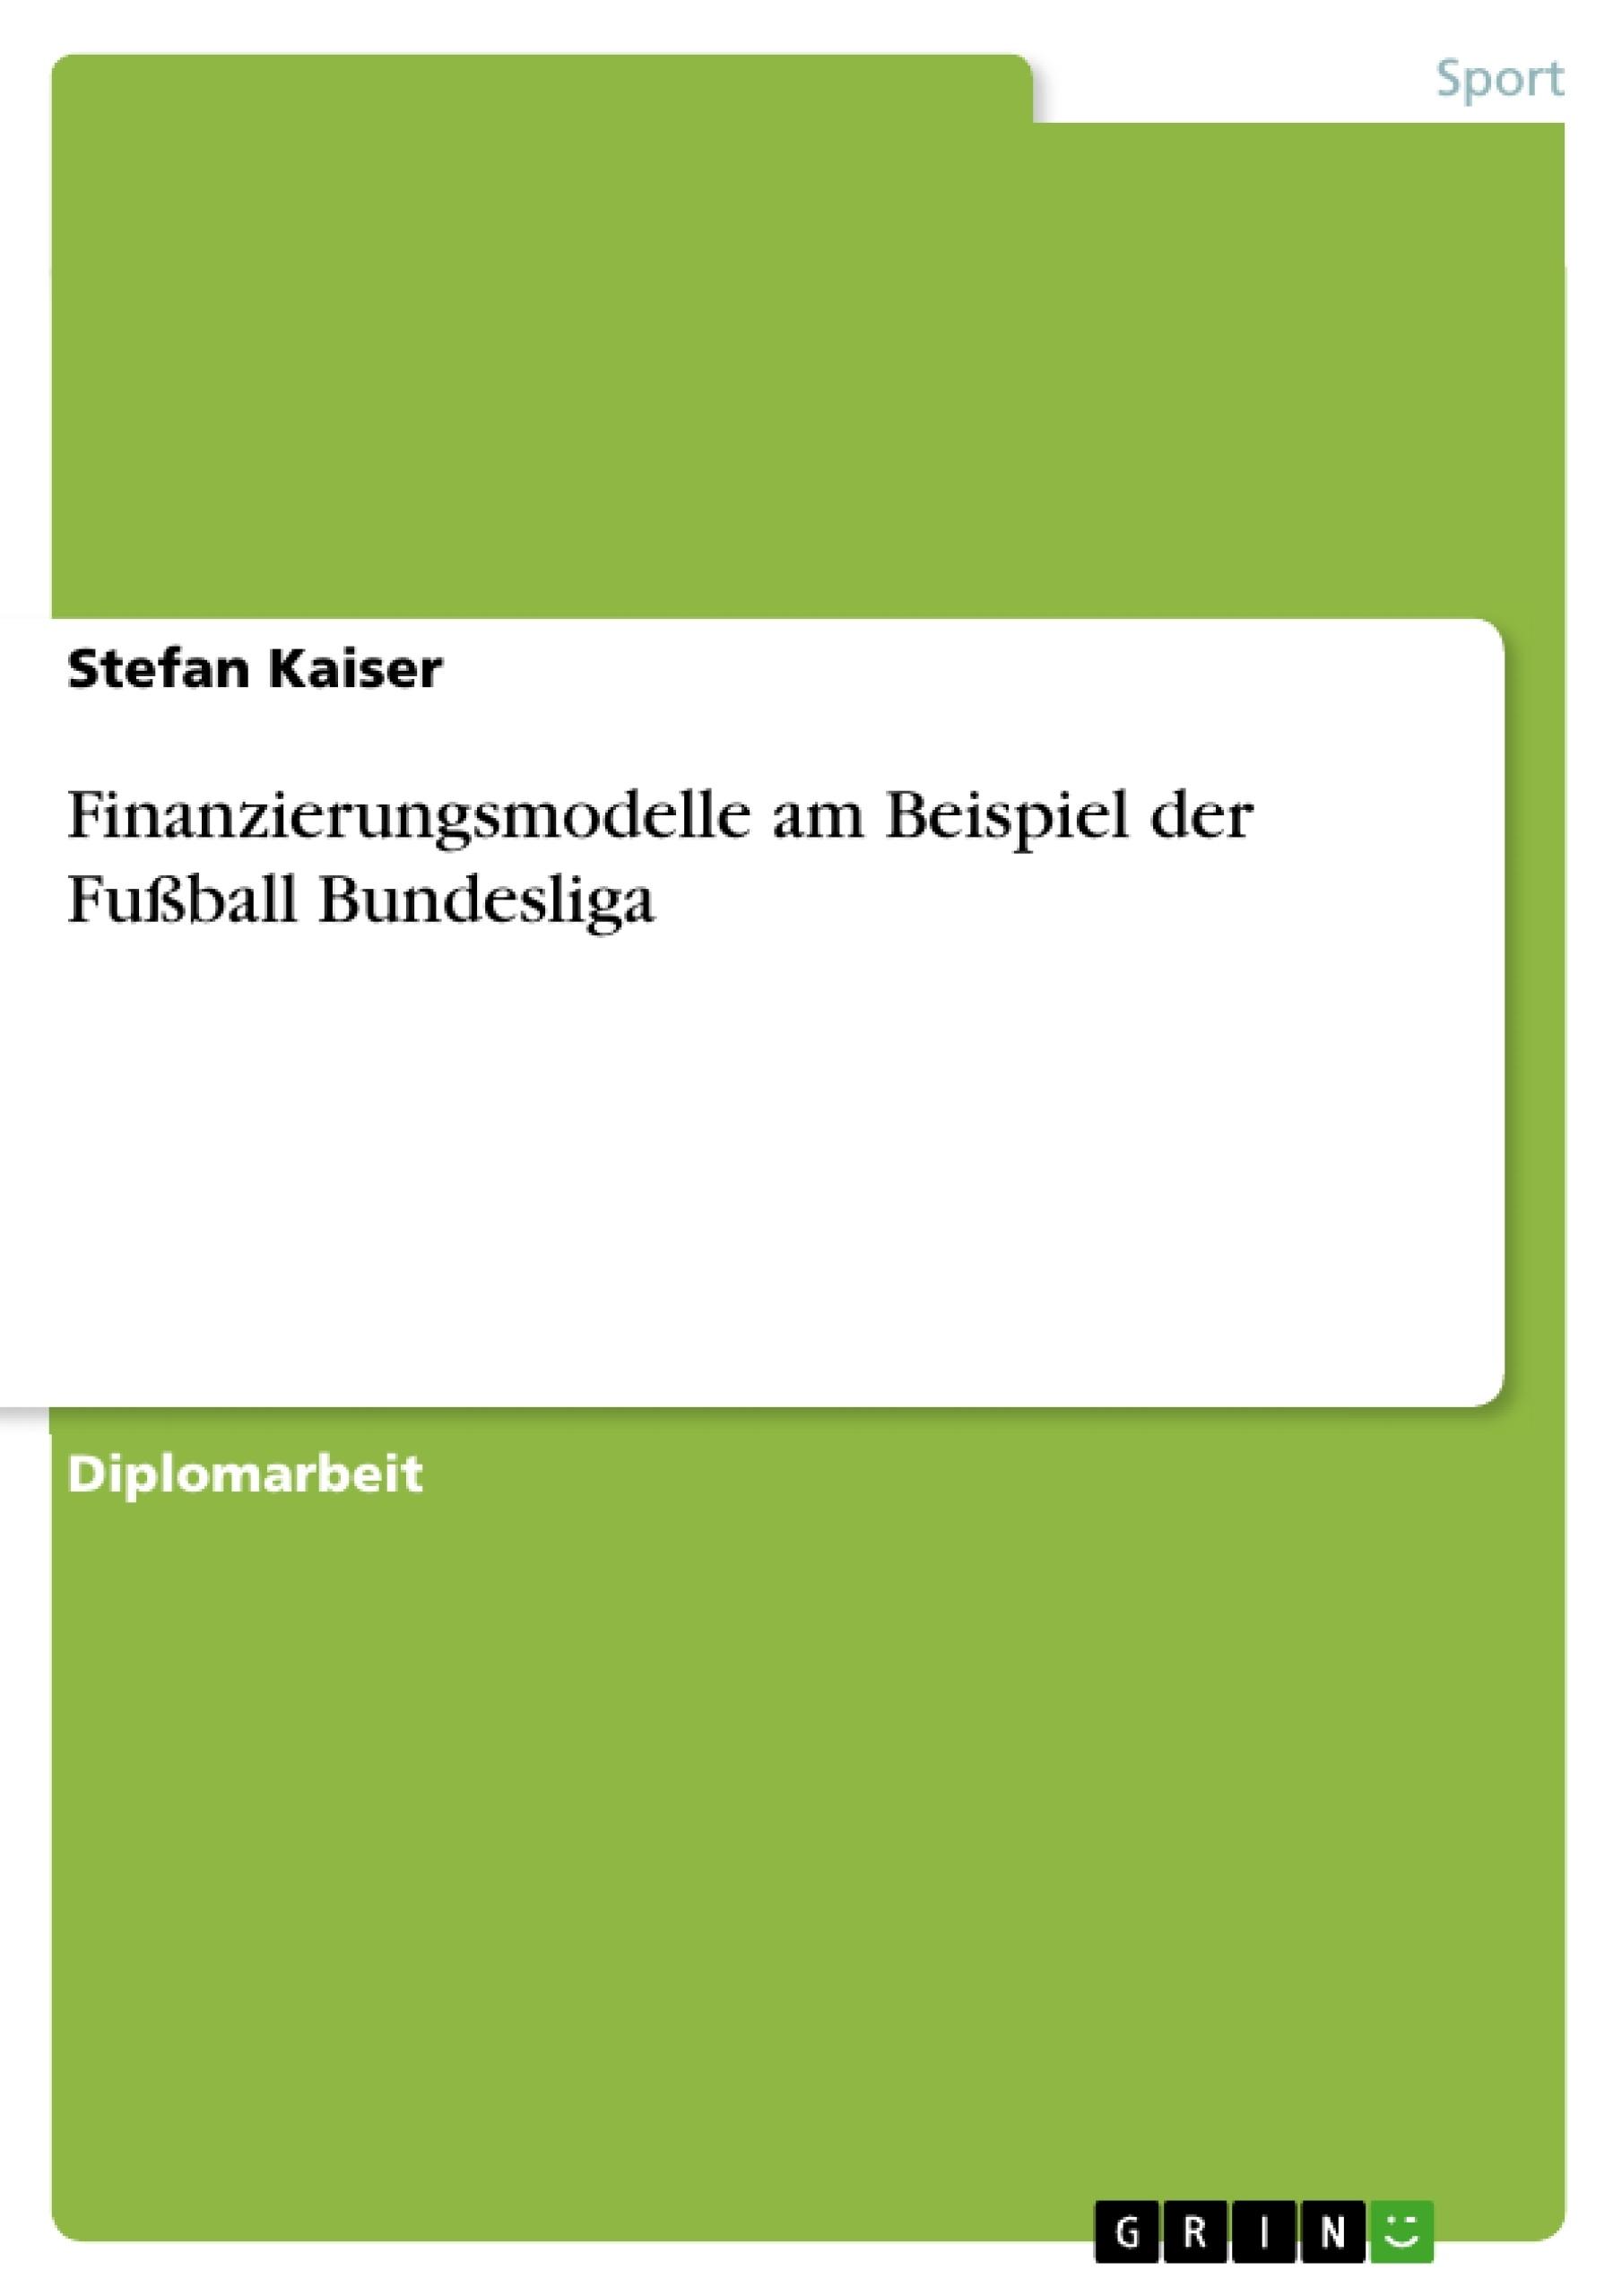 Titel: Finanzierungsmodelle am Beispiel der Fußball Bundesliga